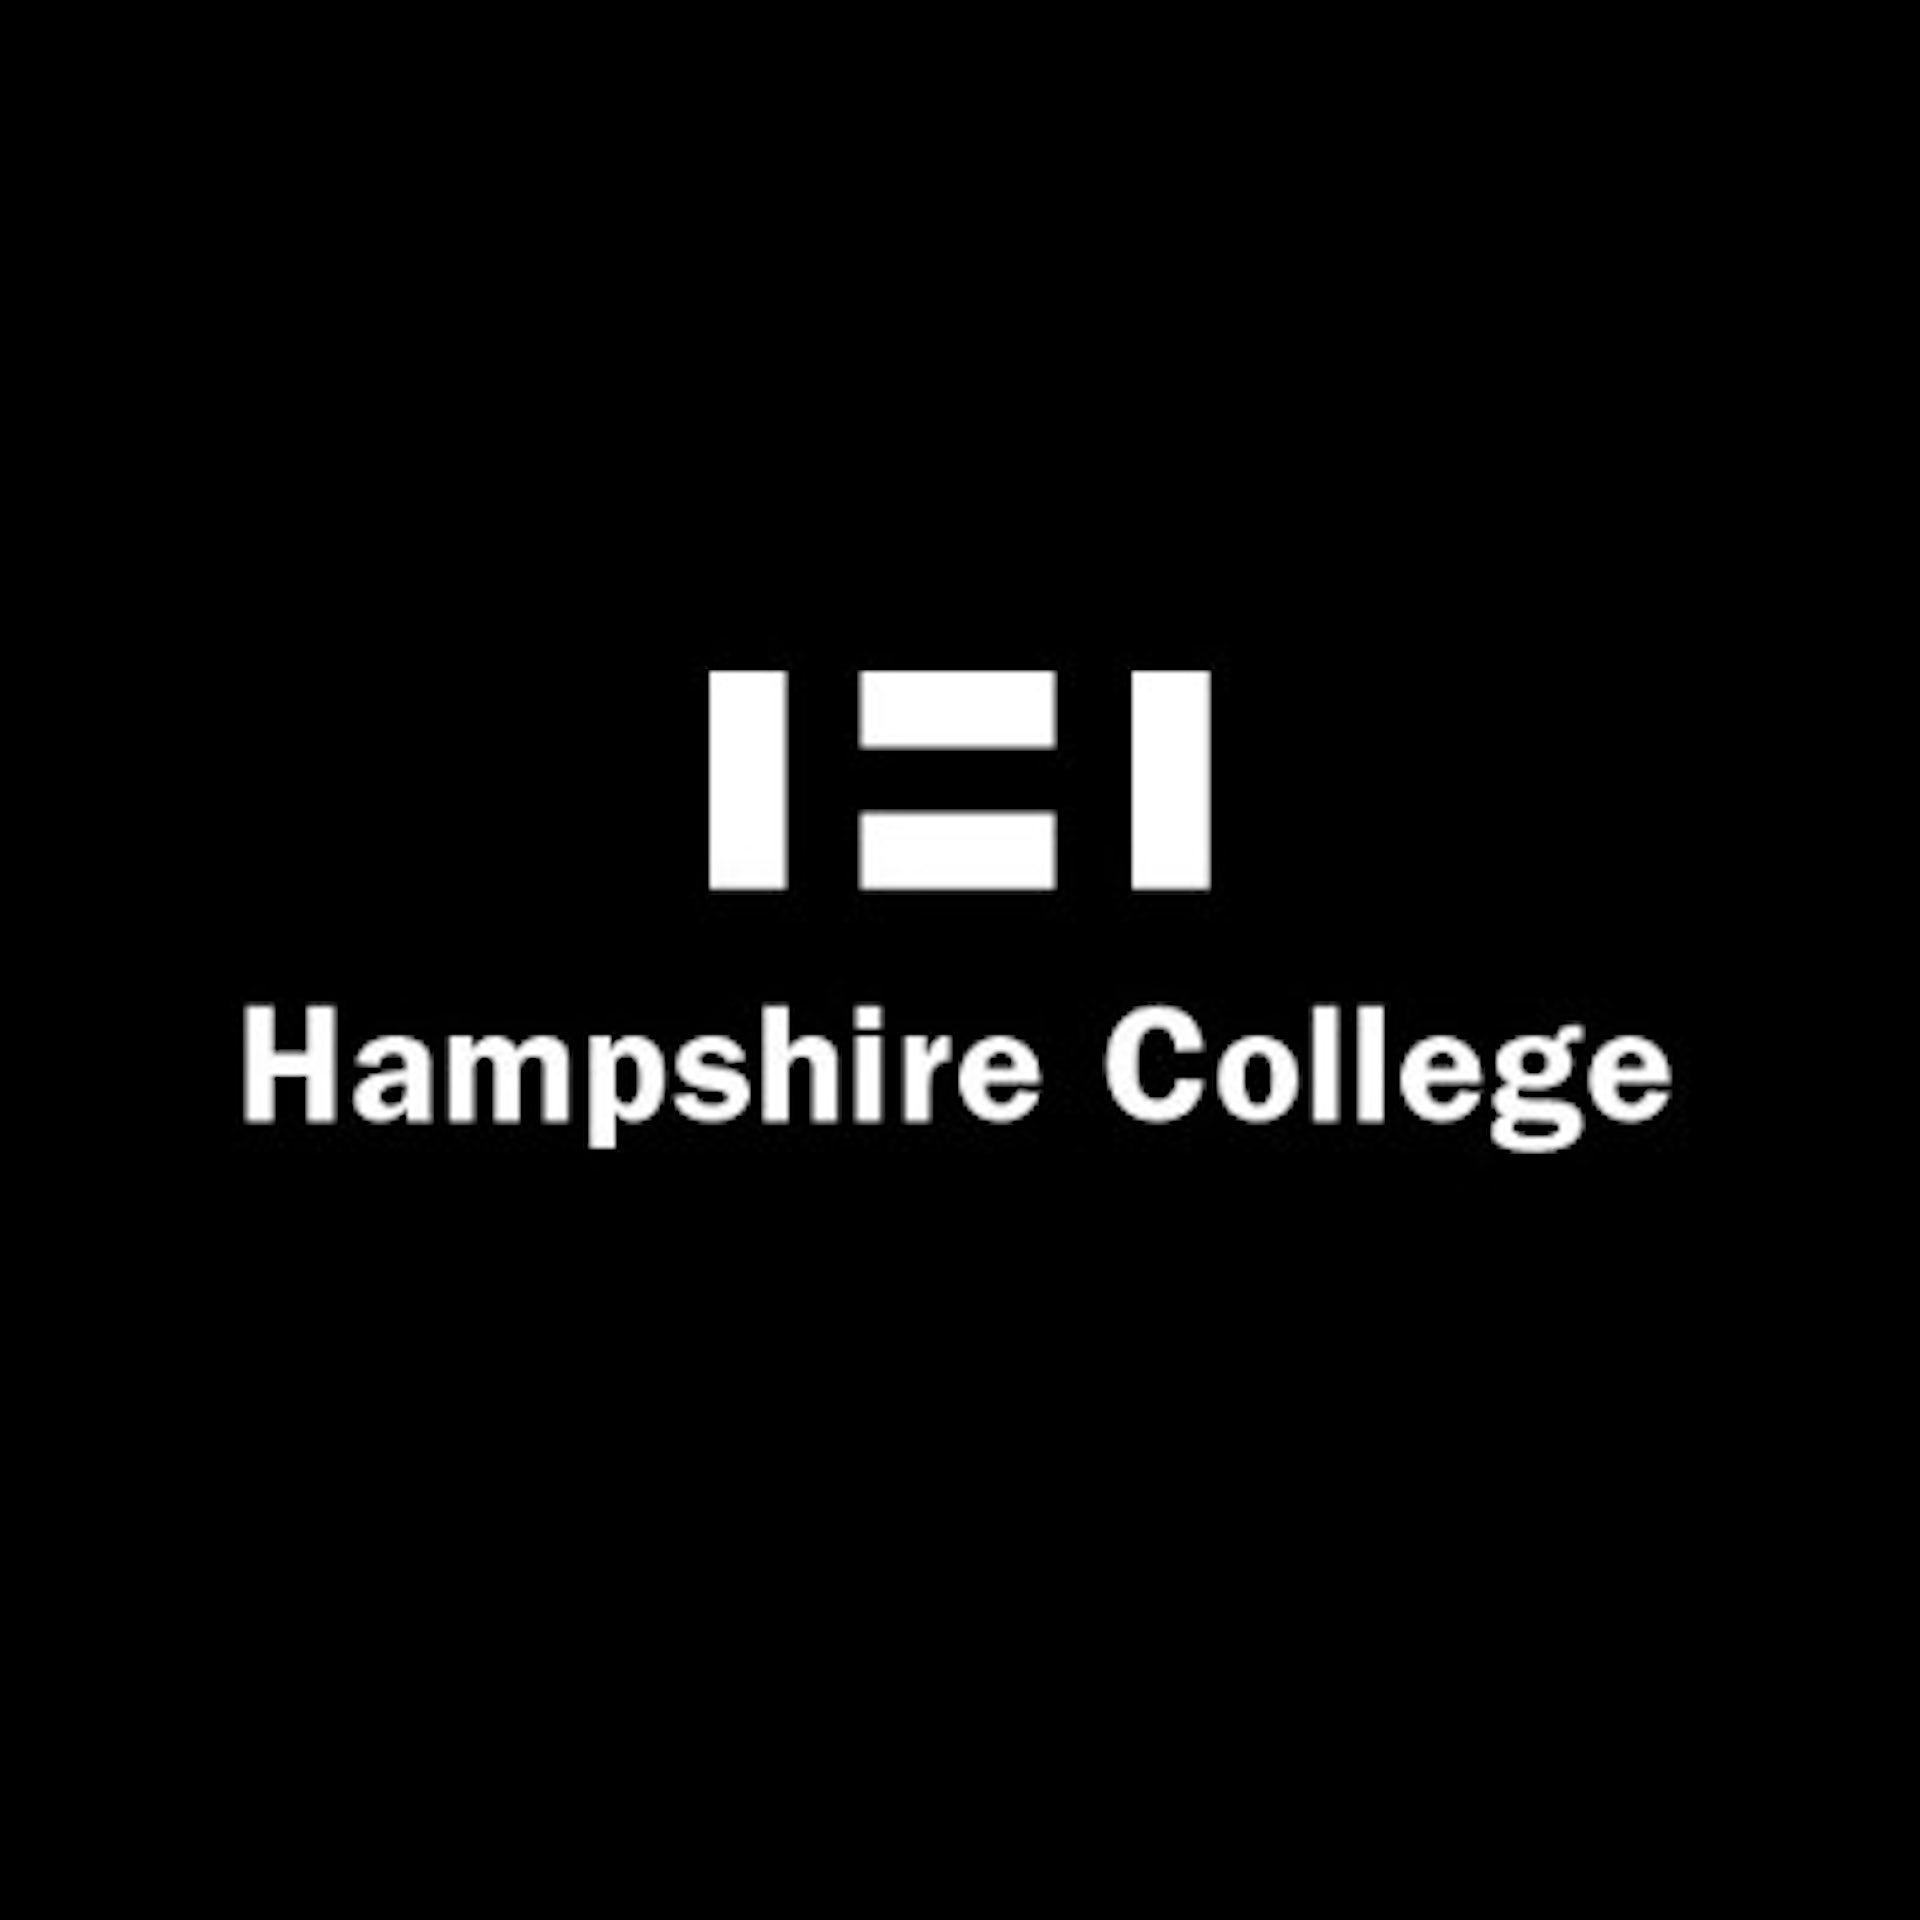 Logo 1535383874.jpg?ixlib=rb 1.1